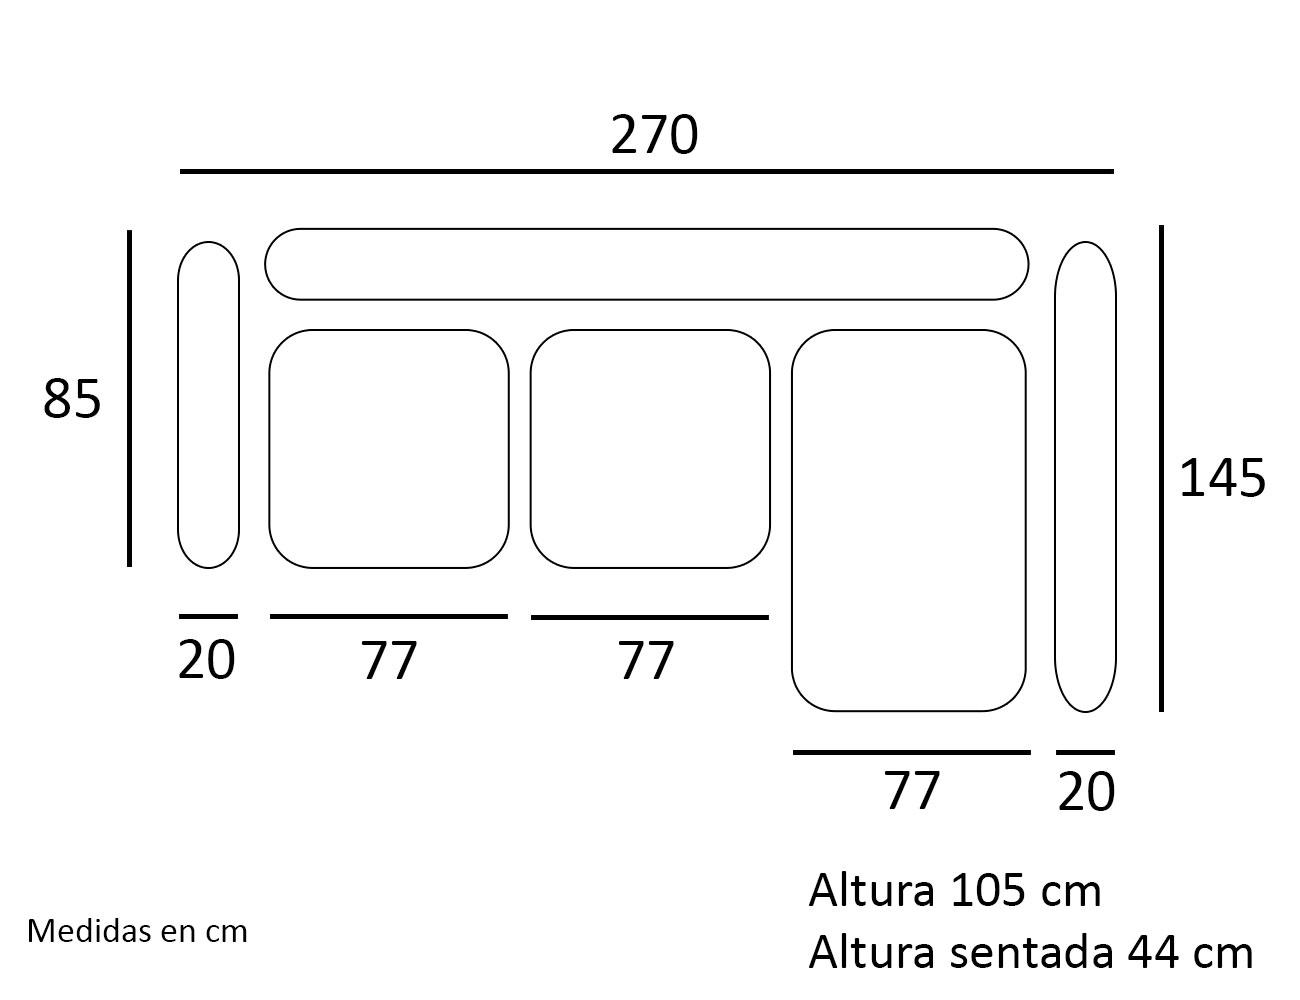 Croquis chaiselongue sofa derecho 2703